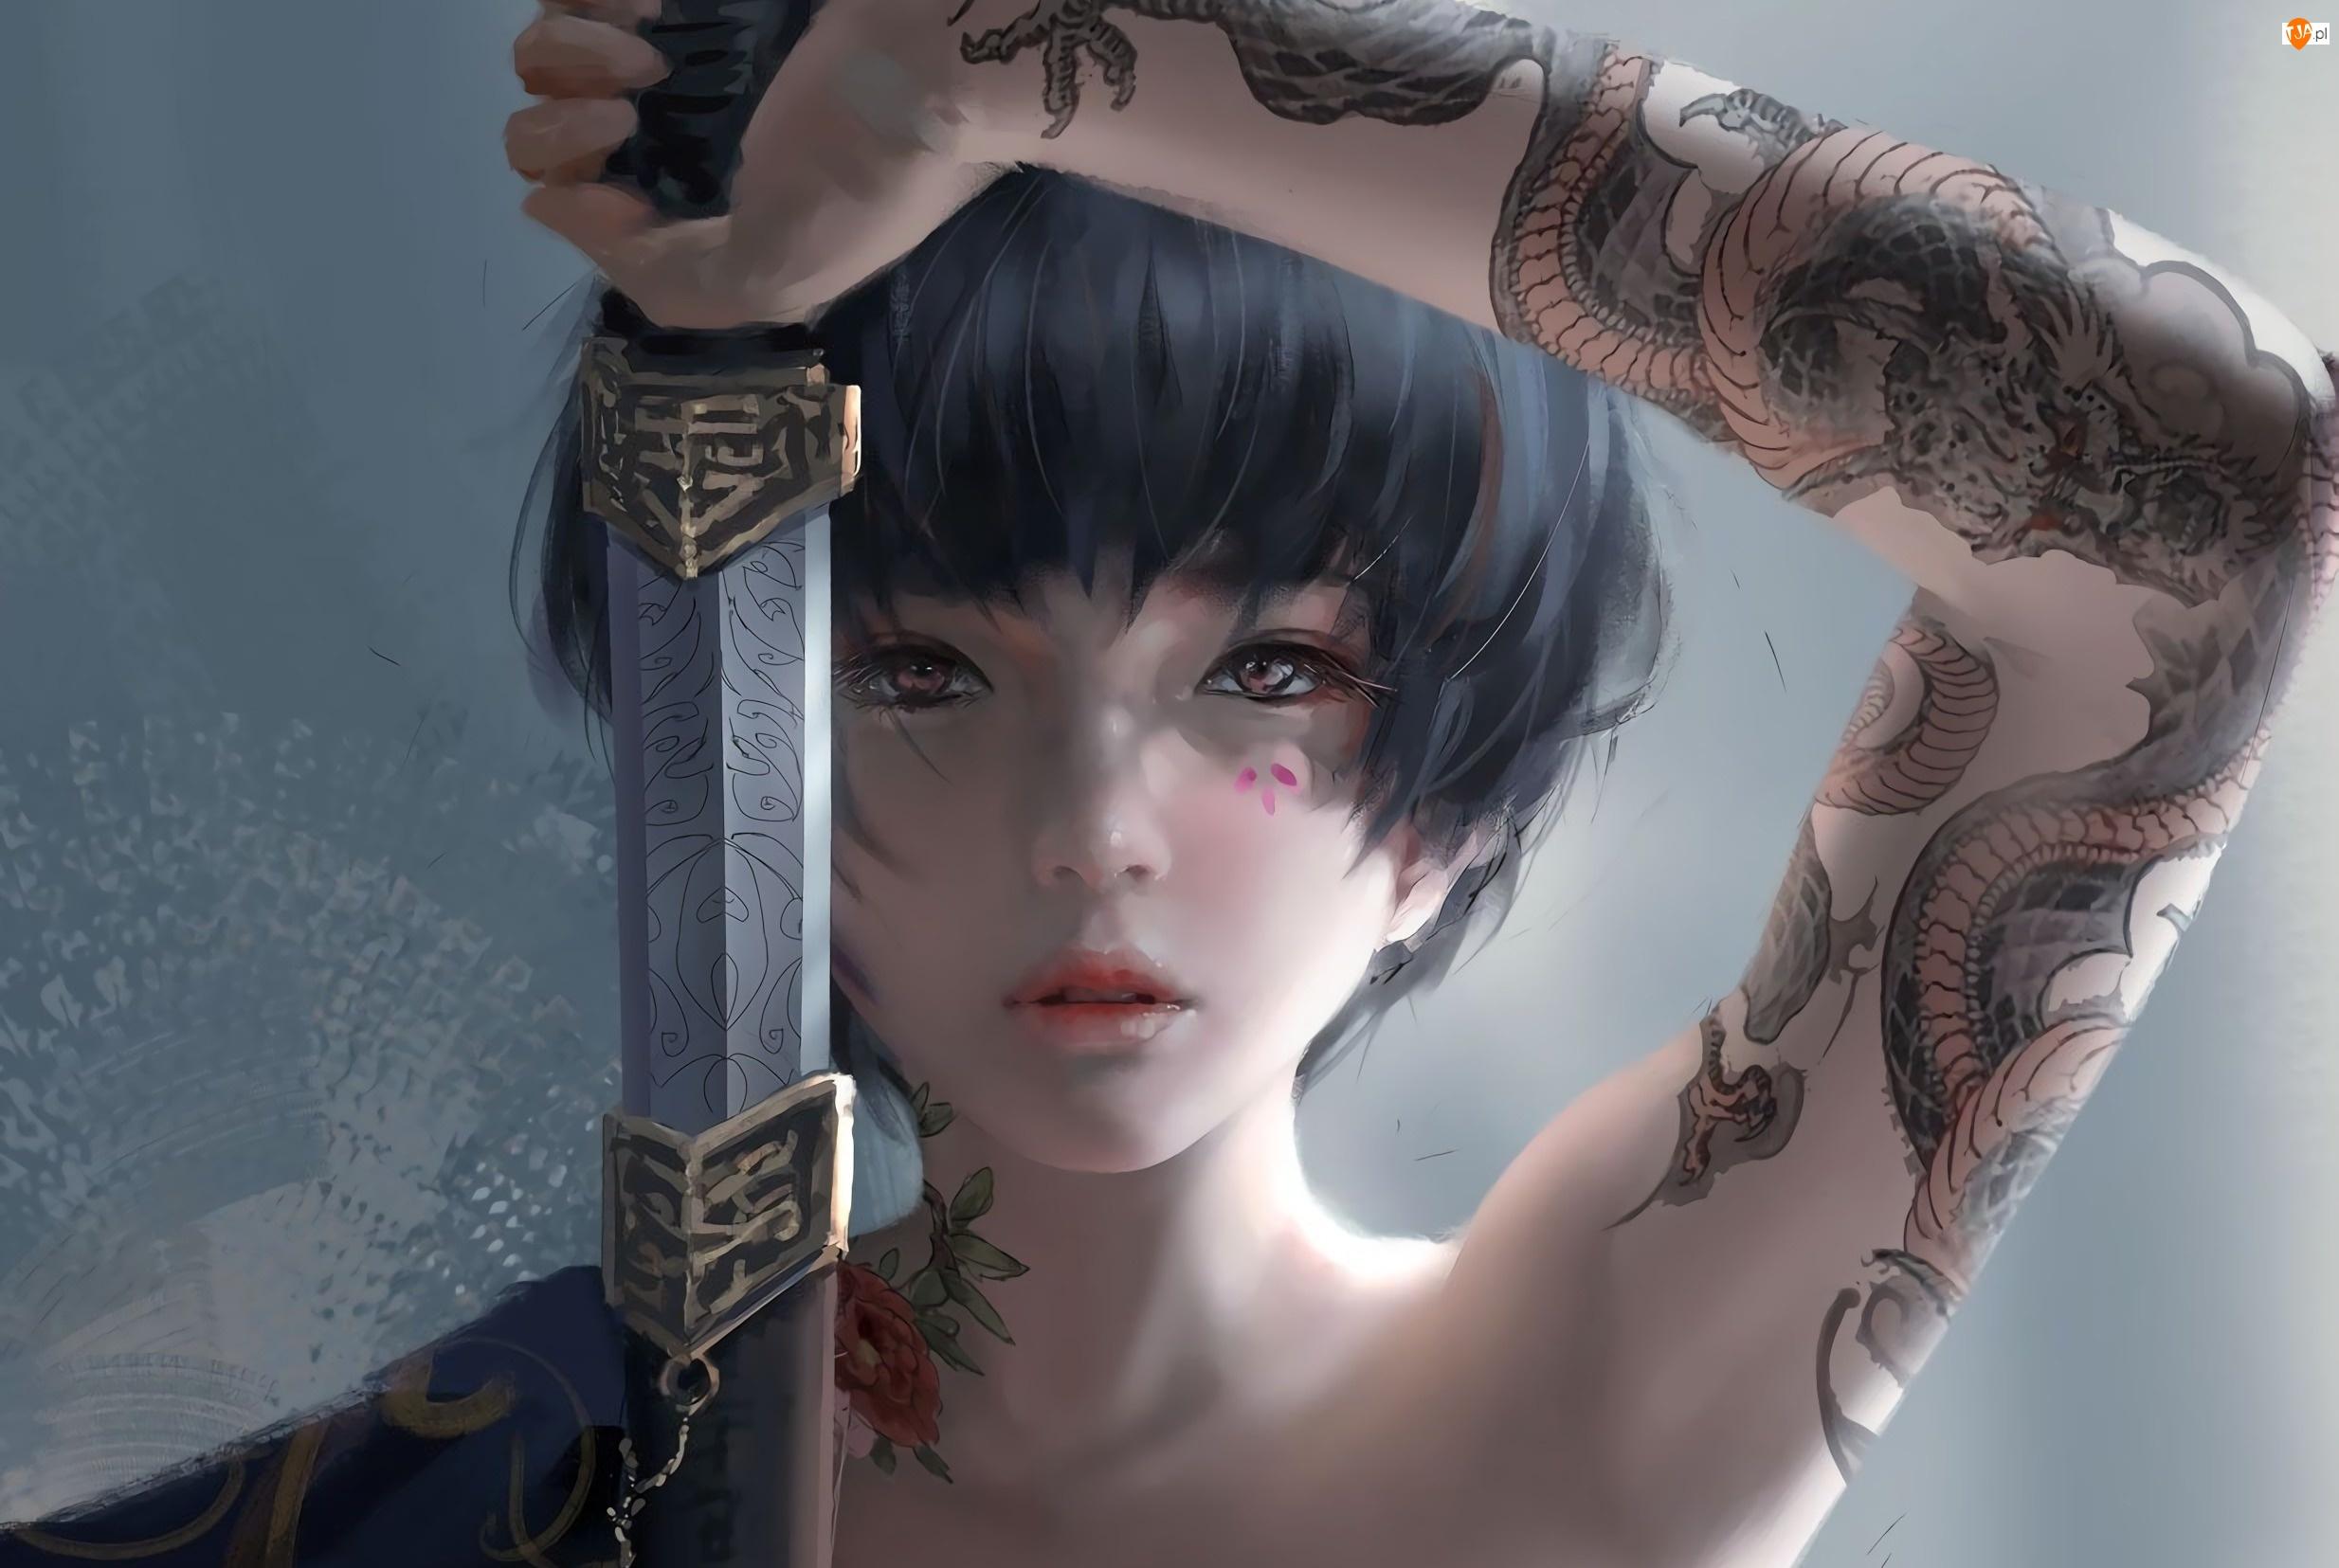 Paintography, Dziewczyna, Miecz, Tatuaże